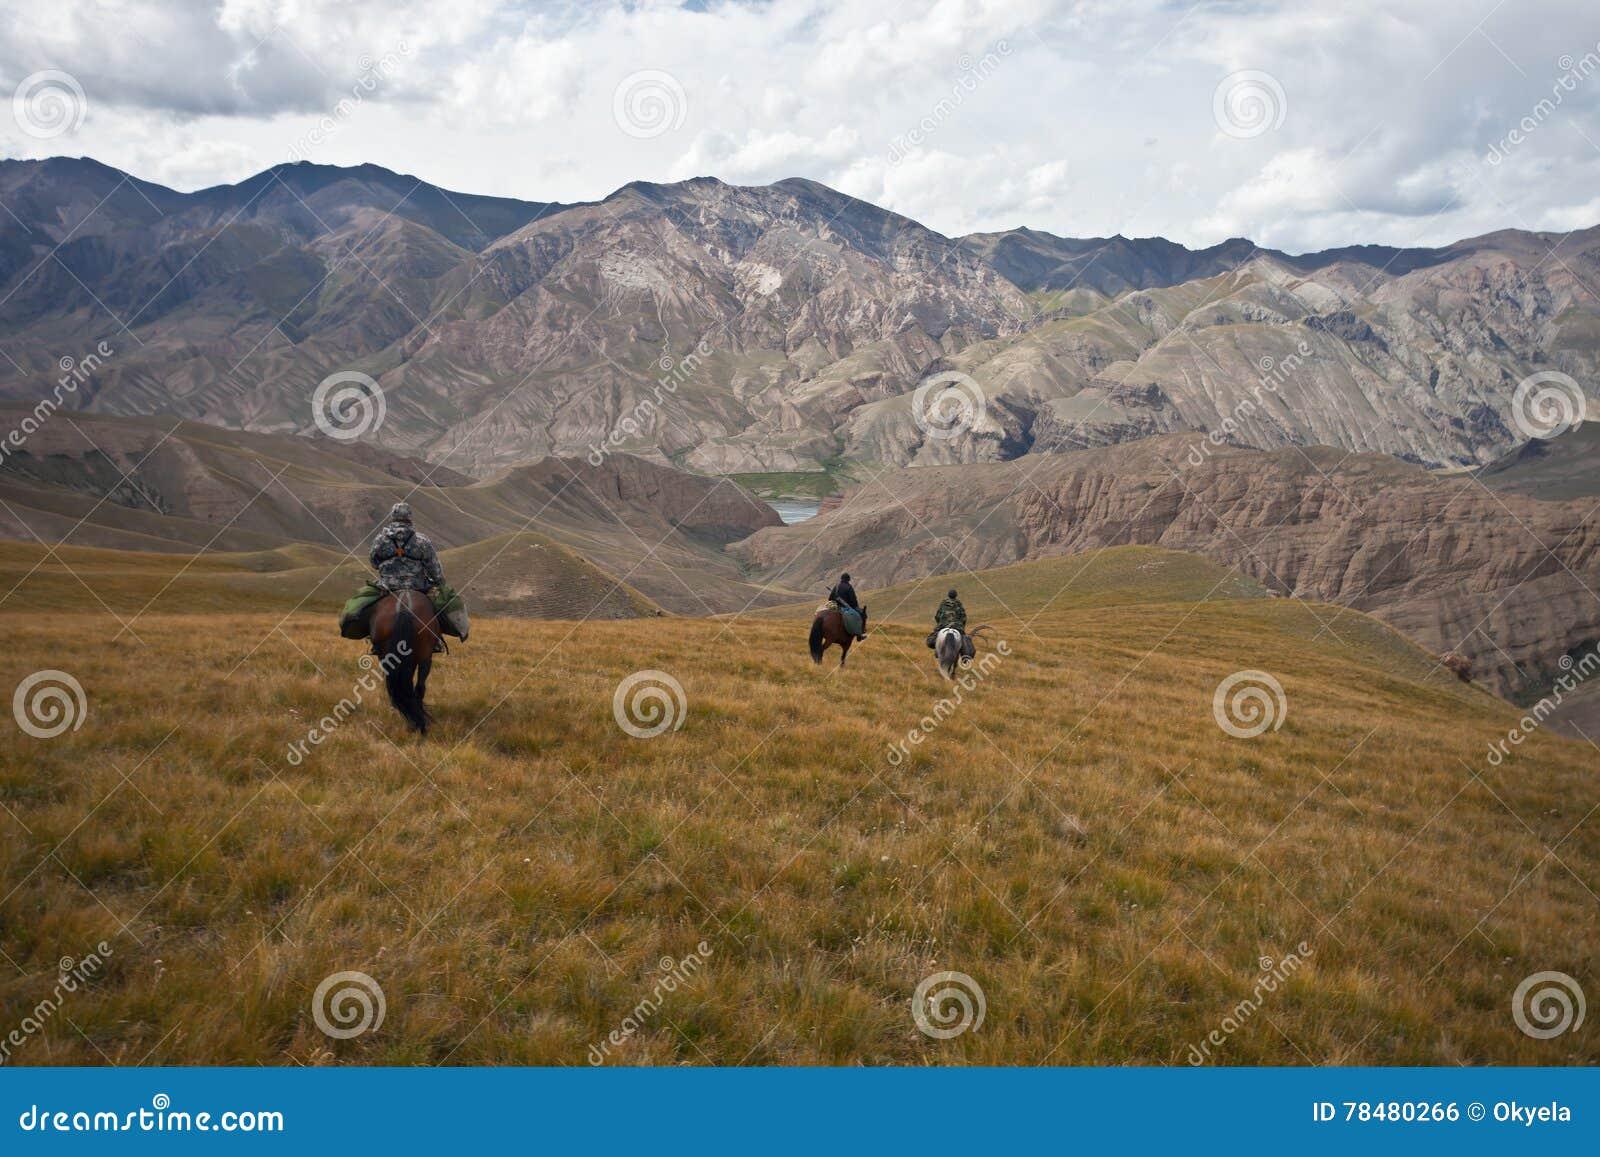 Les chasseurs trois chevaux sont retournés avec un trophée après une chasse